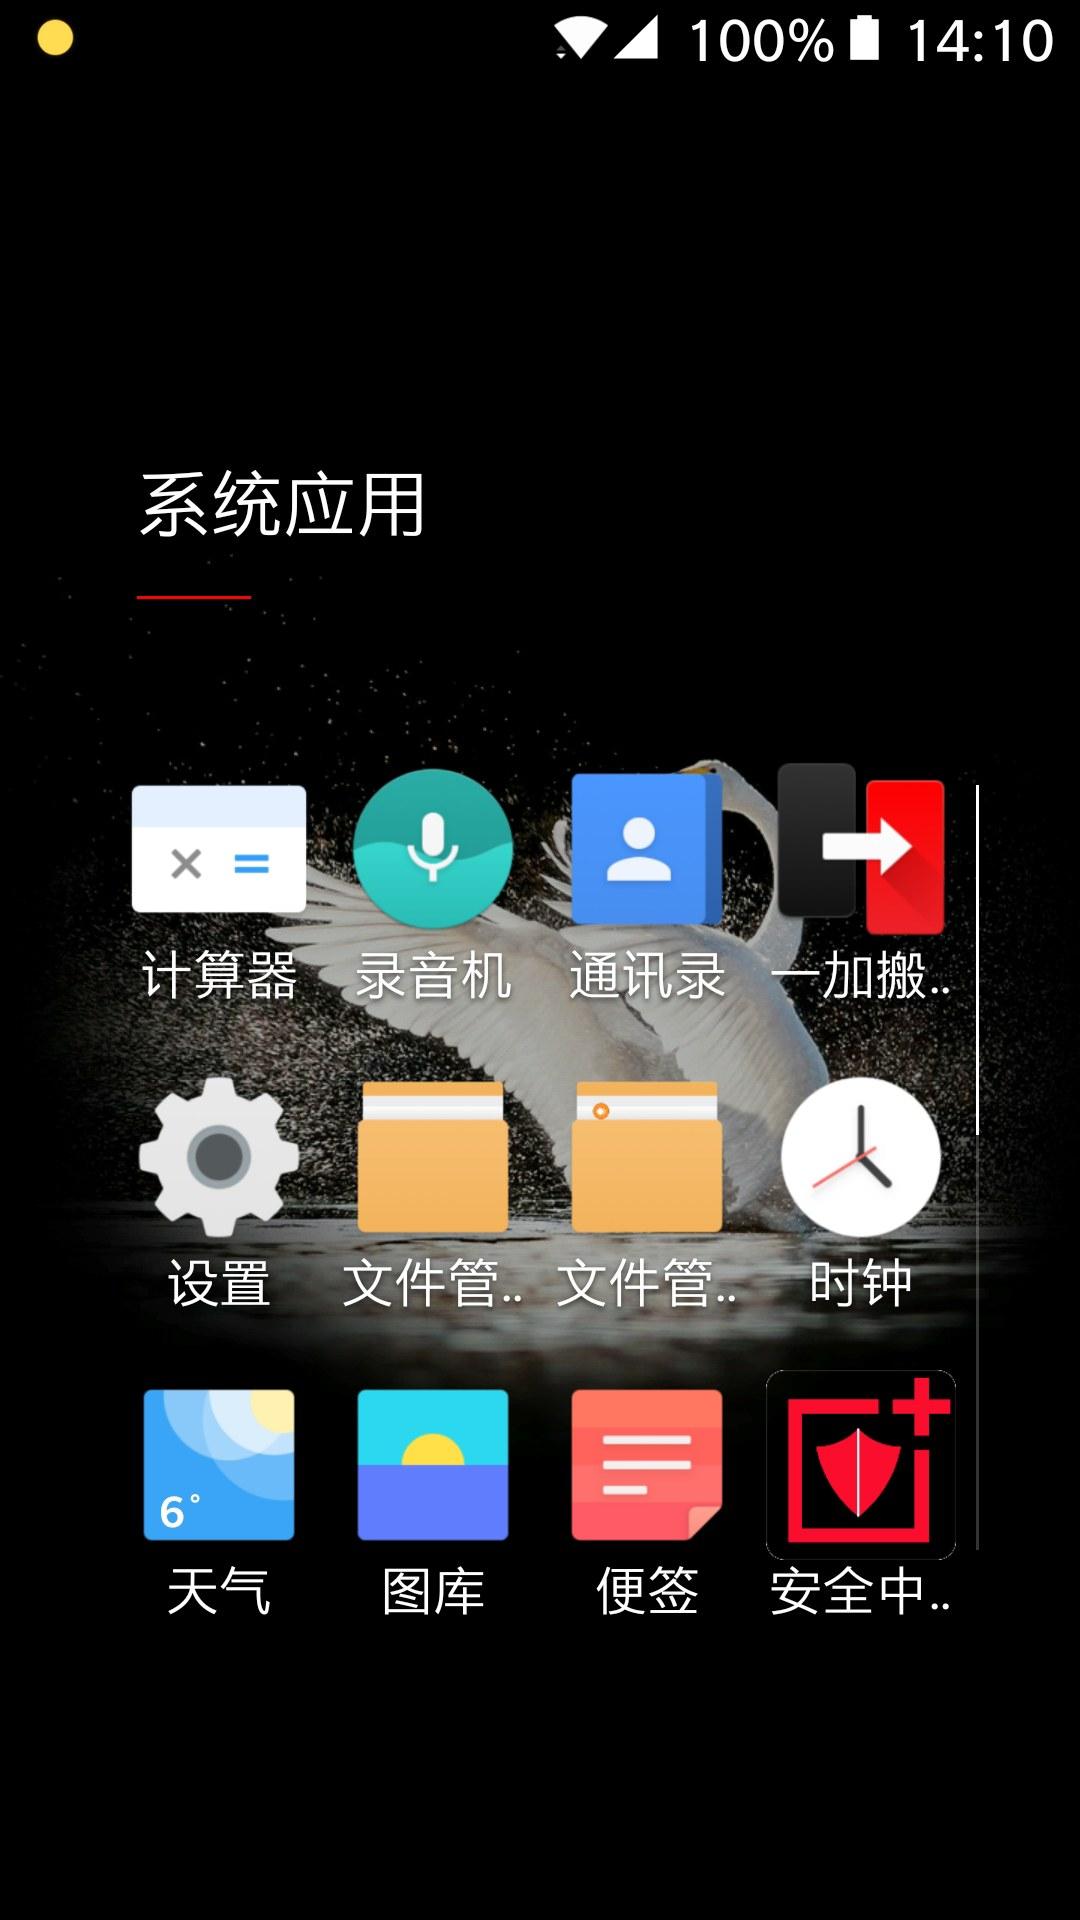 后为什么会出现两个重复的图标 OnePlus 5 一加手机社区官方论坛图片